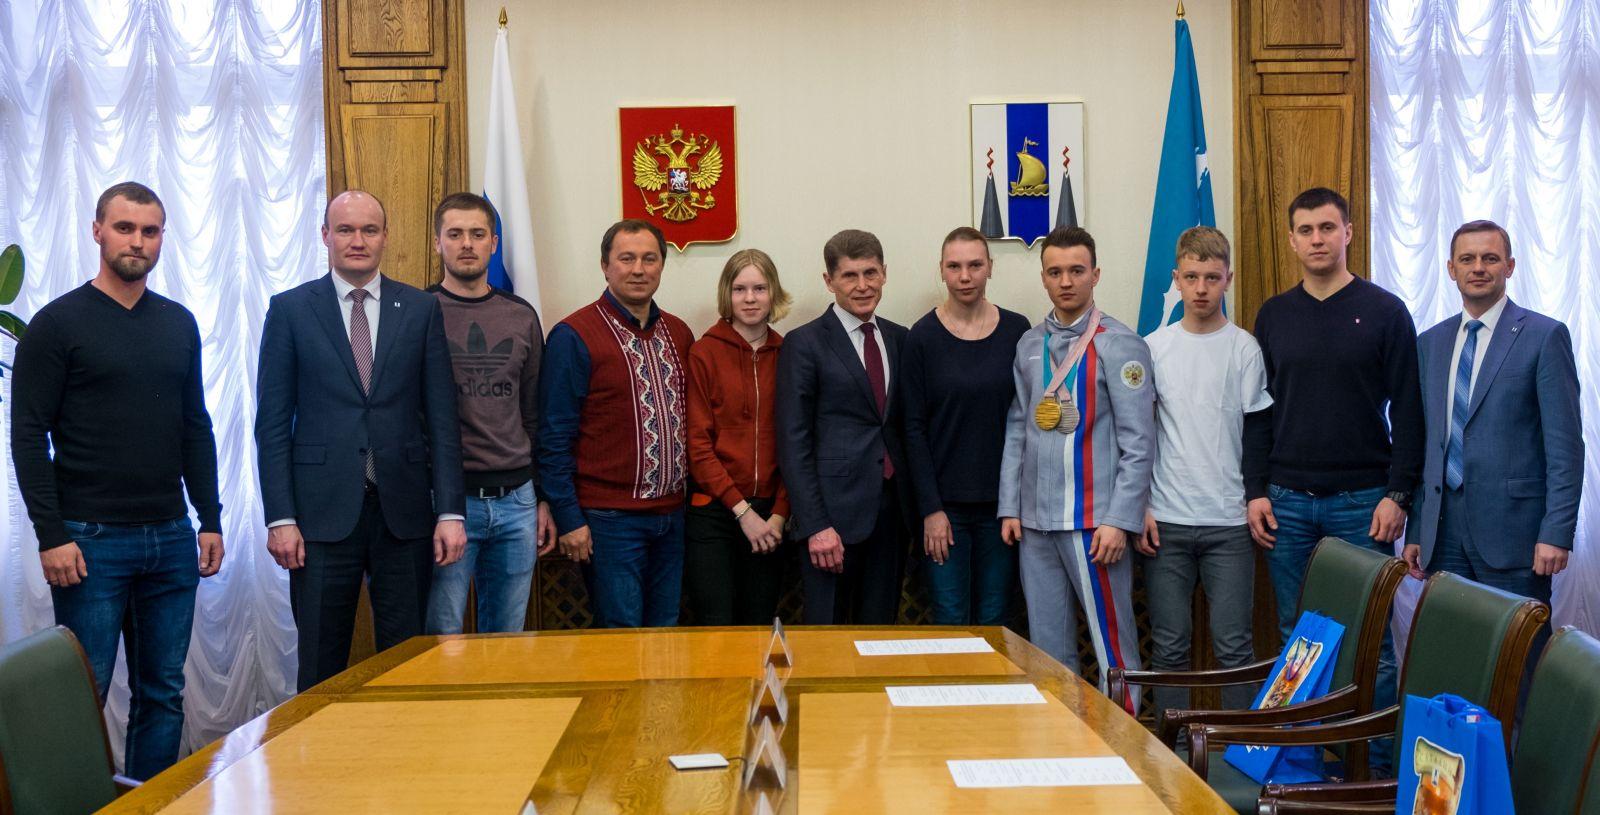 Губернатор Сахалинской области О.Н. Кожемяко встретился со сборной командой России по горнолыжному спорту лиц с ПОДА